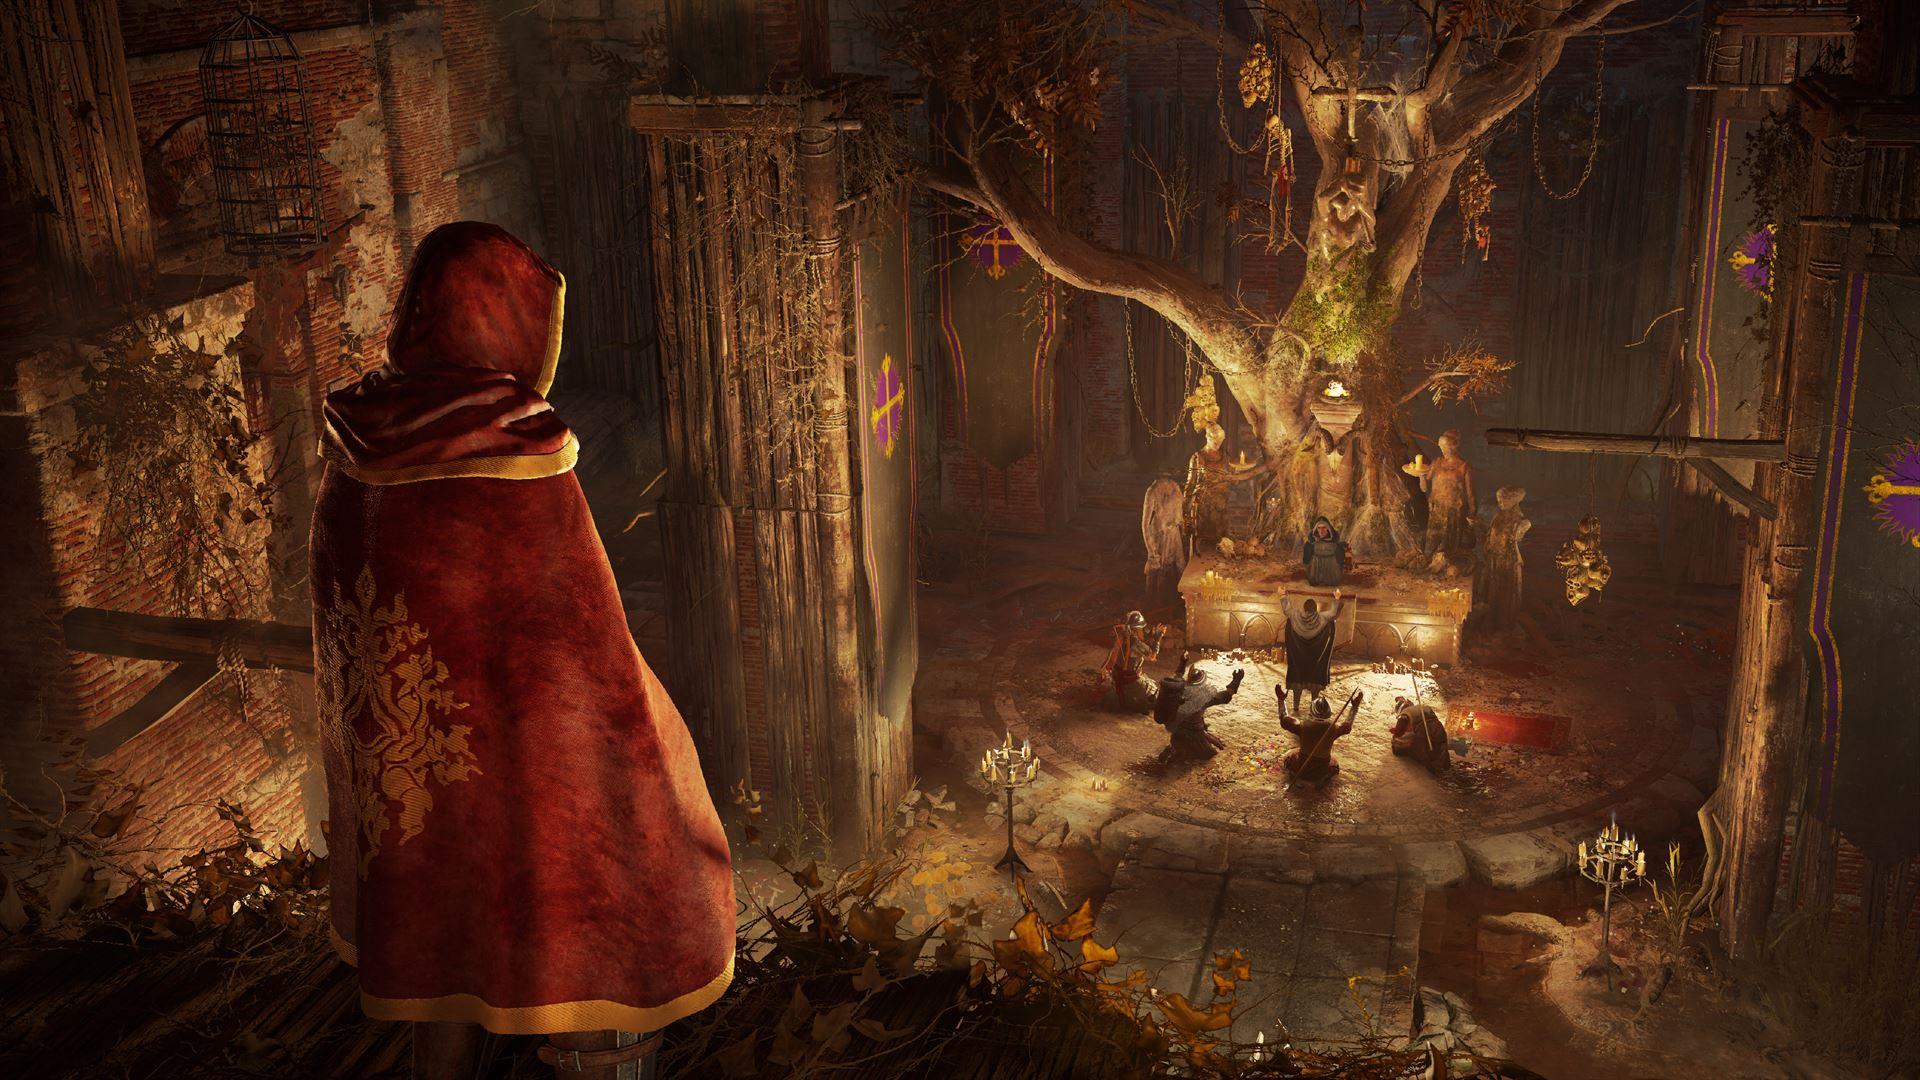 เดอะ ซีจ ออฟ ปารีส ส่วนขยายหลักตัวต่อไปของ Assassin's Creed® Valhallaพร้อมให้เล่นแล้ว